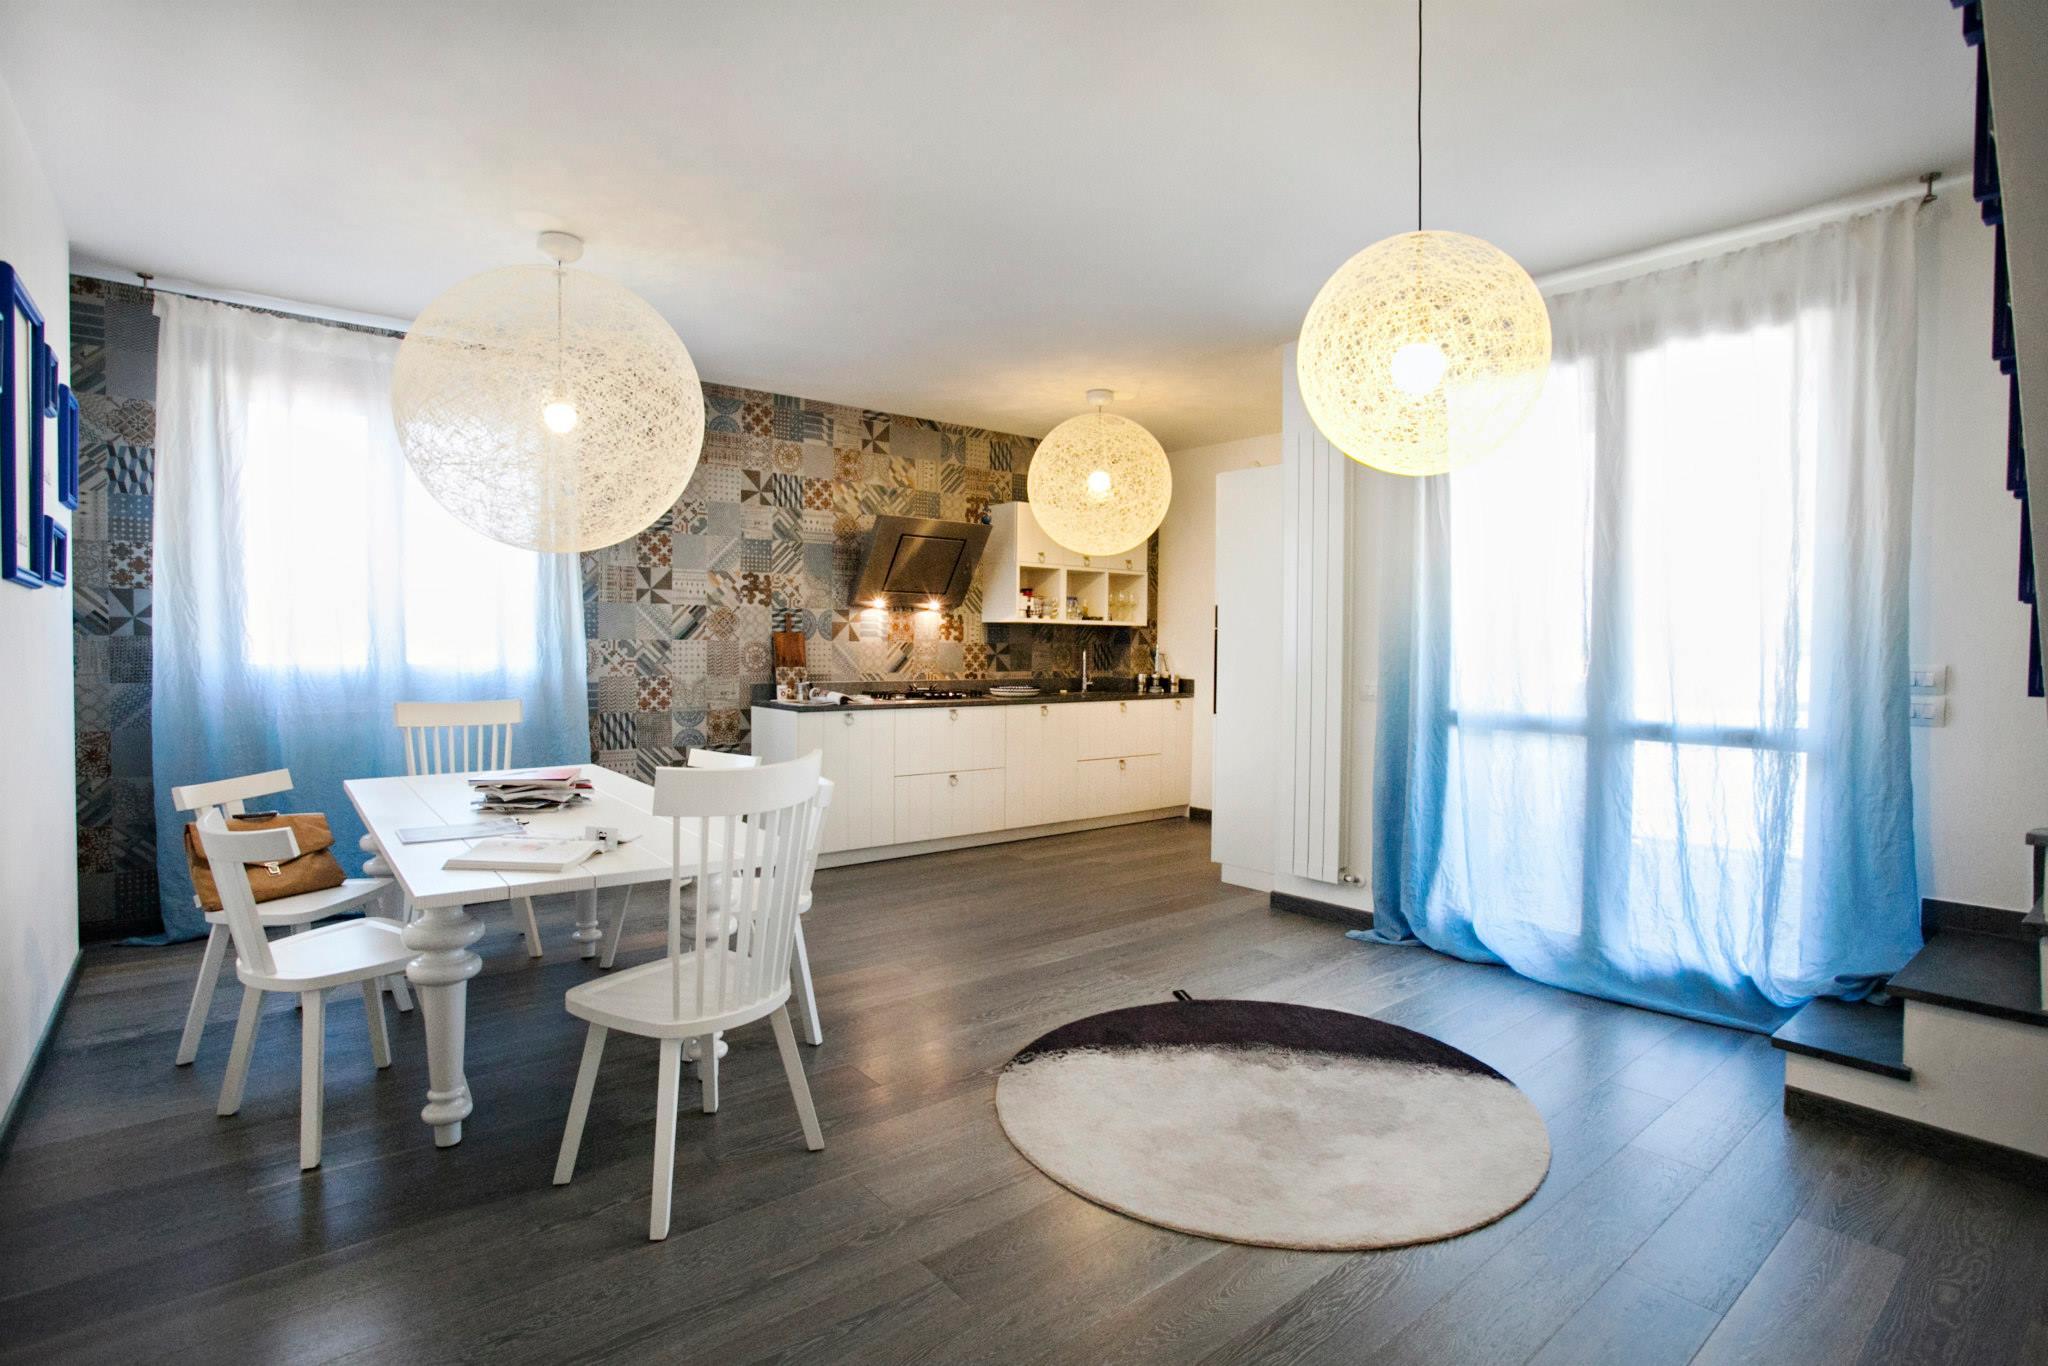 Esempio di arredamento di un'abitazione proposto da Alessandro Corina